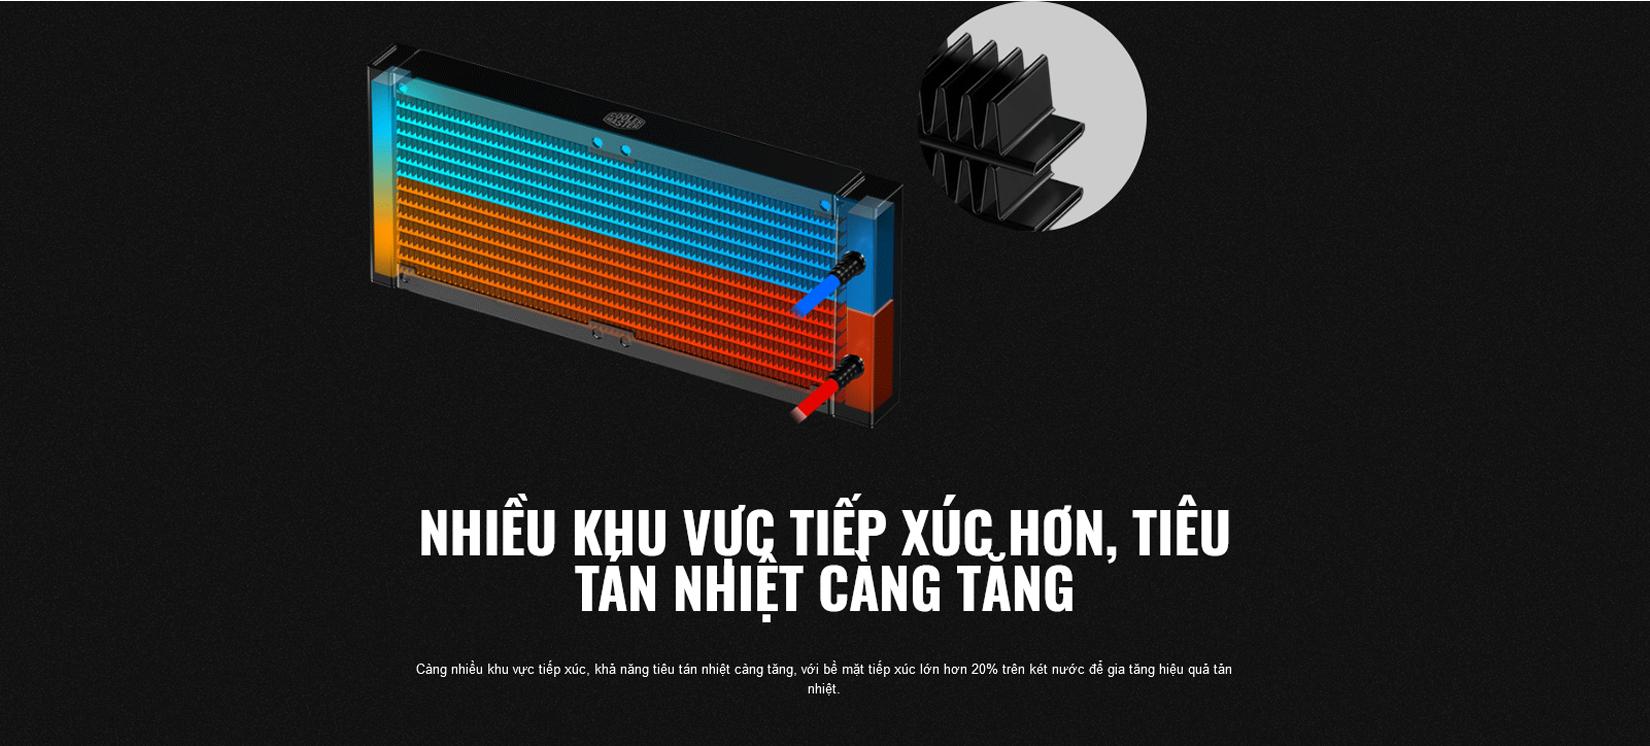 Tản nhiệt nước CPU Cooler Master MasterLiQuid ML240L-ARGB V2 có radiator với bề mặt tiếp xúc lớn hơn, giải tỏa nhiệt nhanh hơn